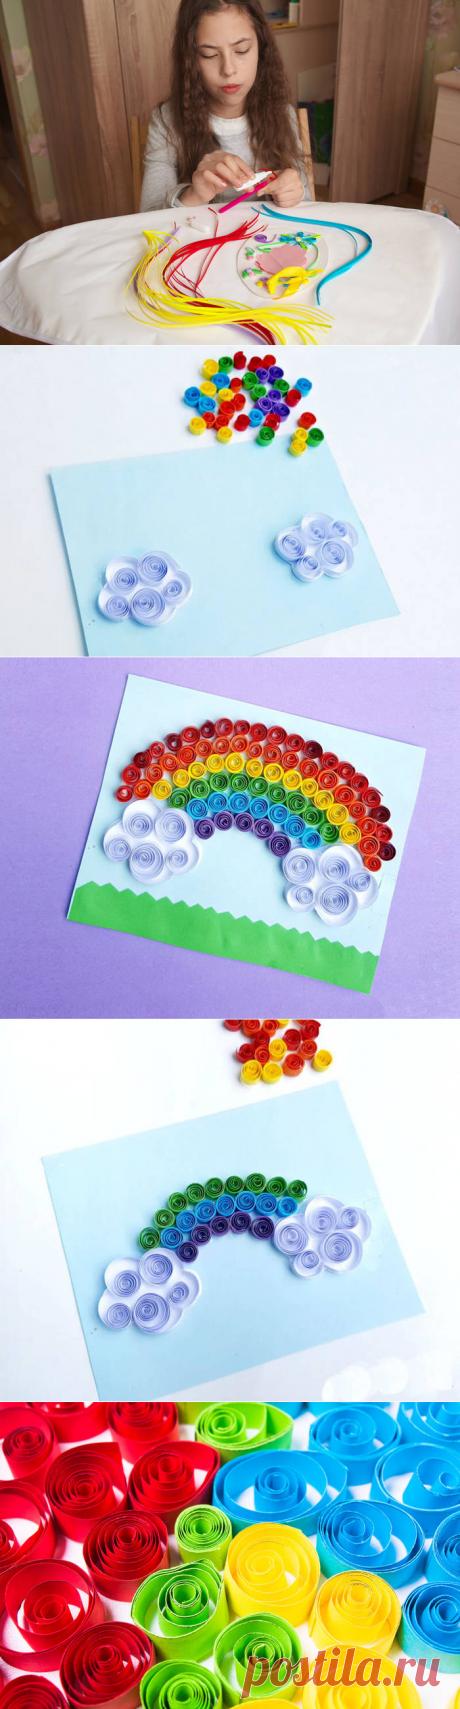 Квиллинг для детей: яркая радуга своими руками